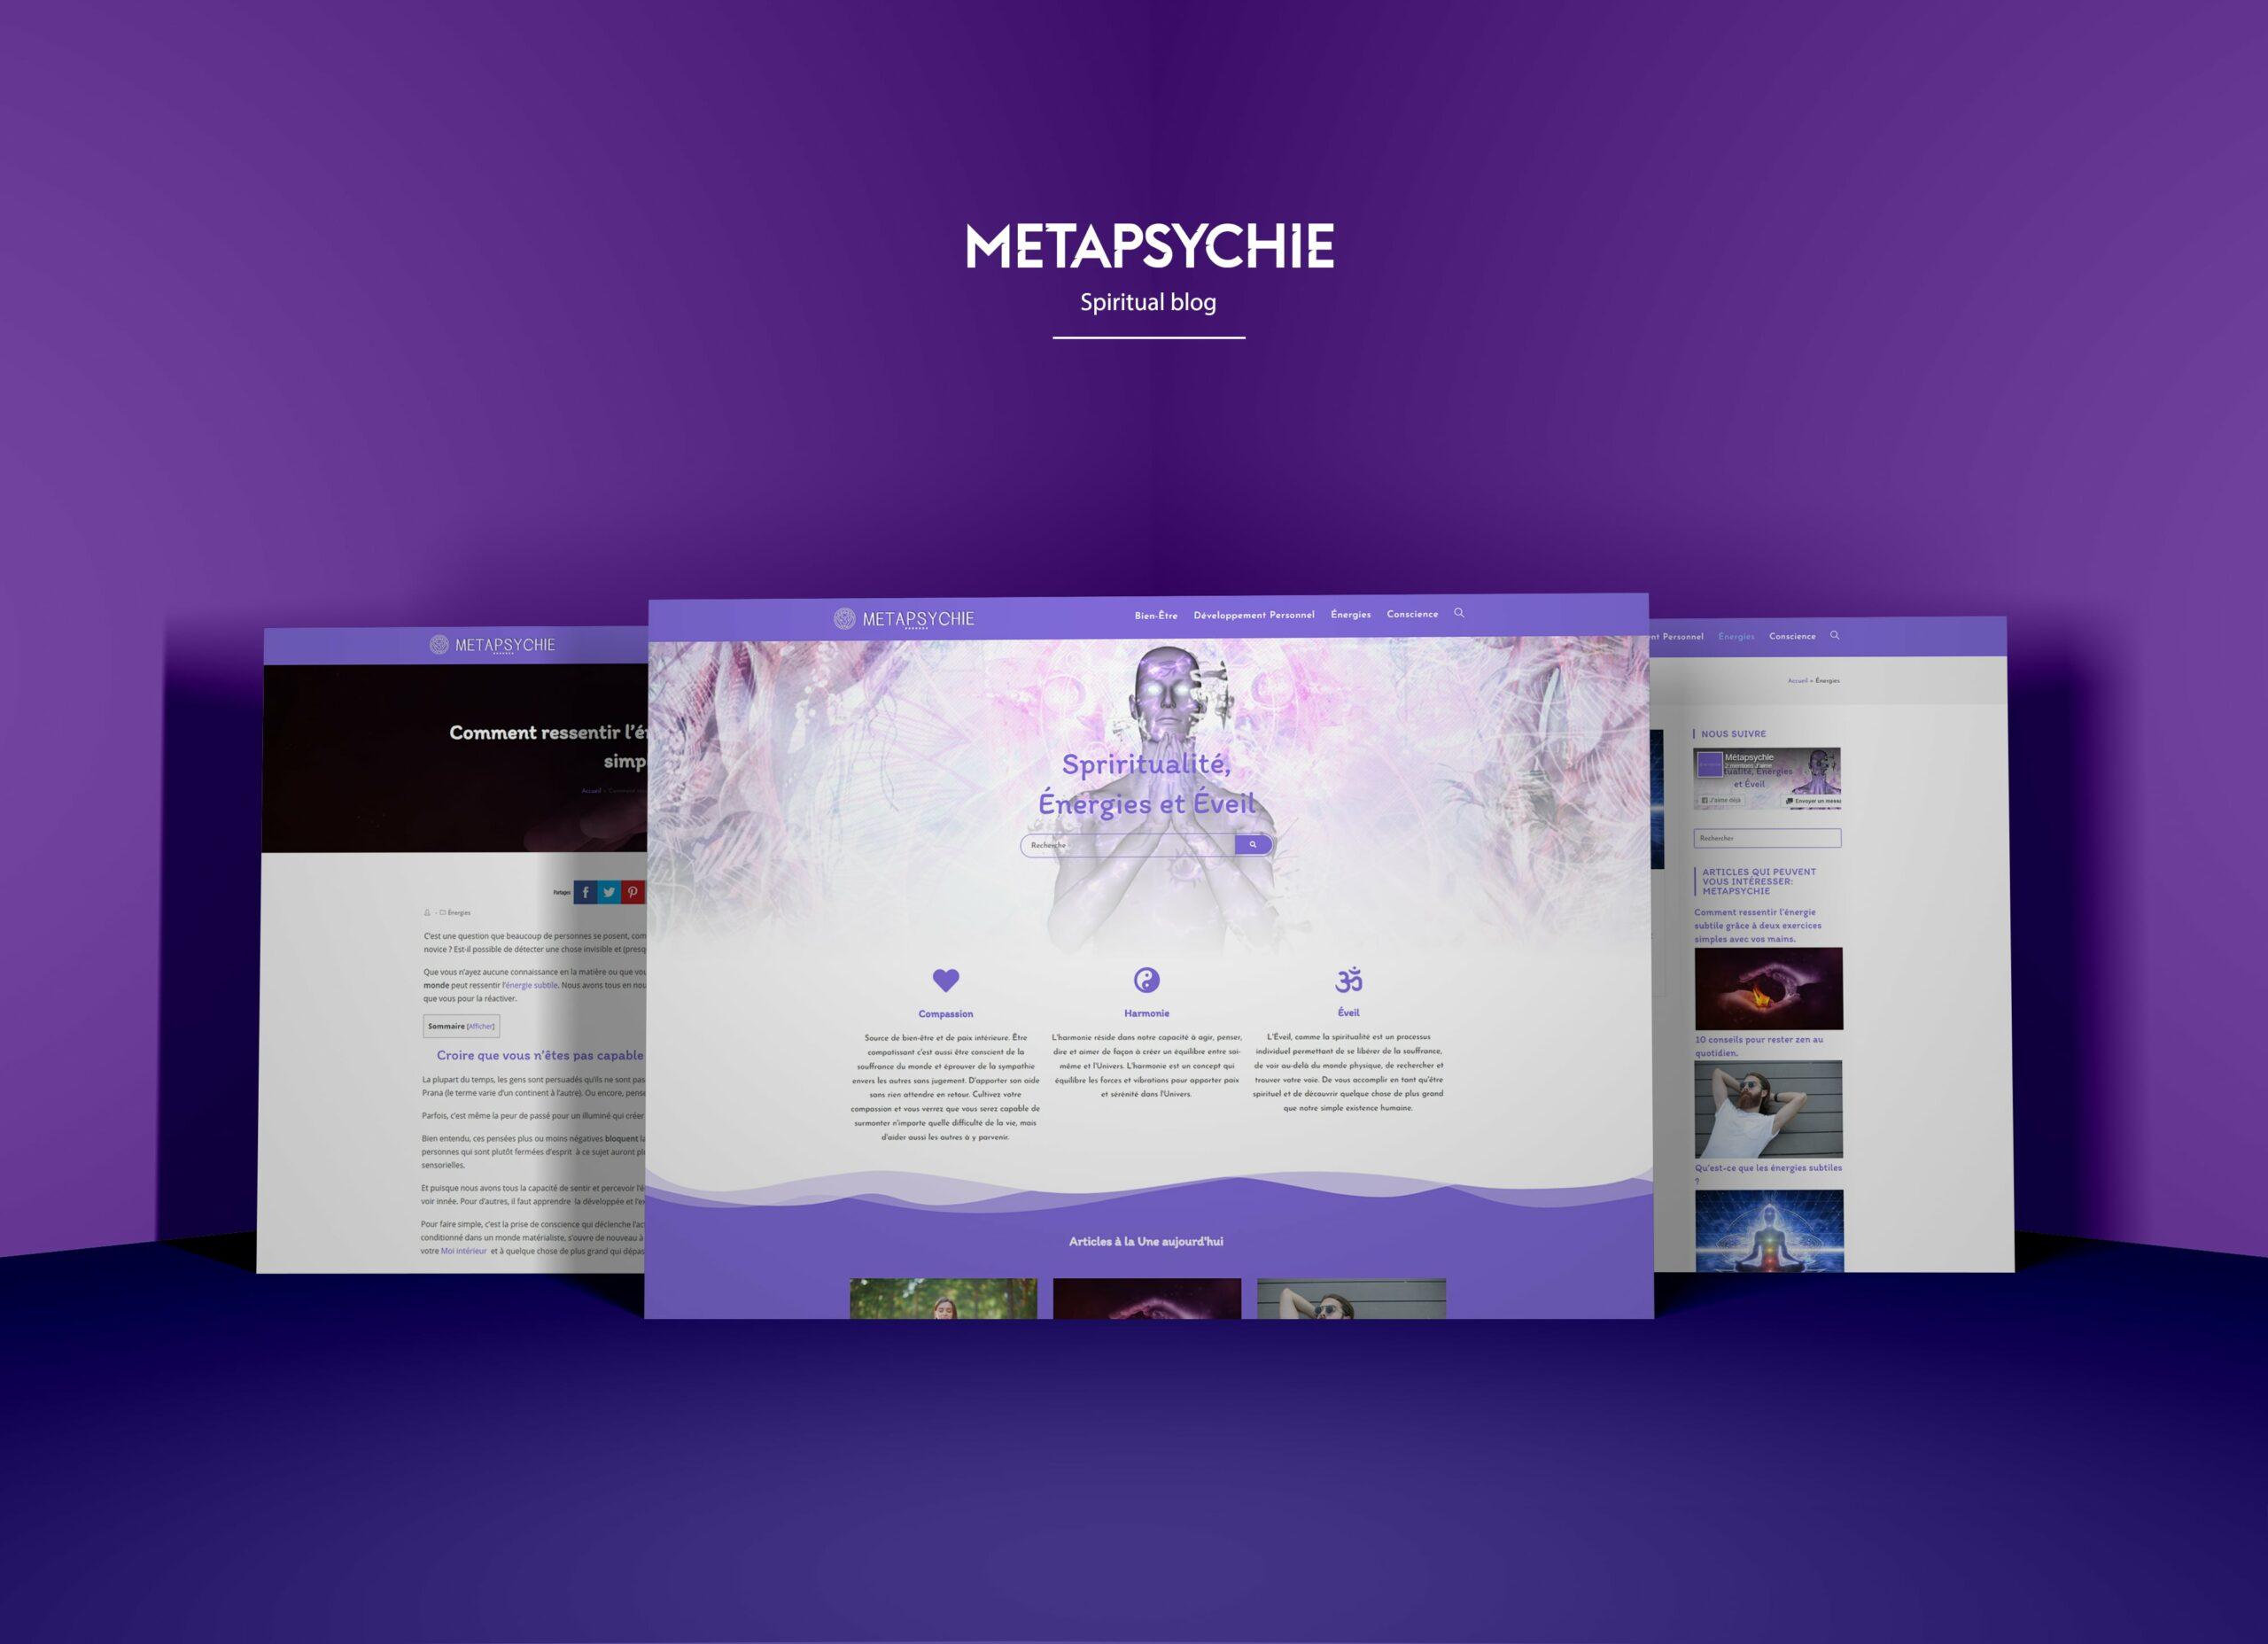 webdesign création de site web wordpress métapsychie